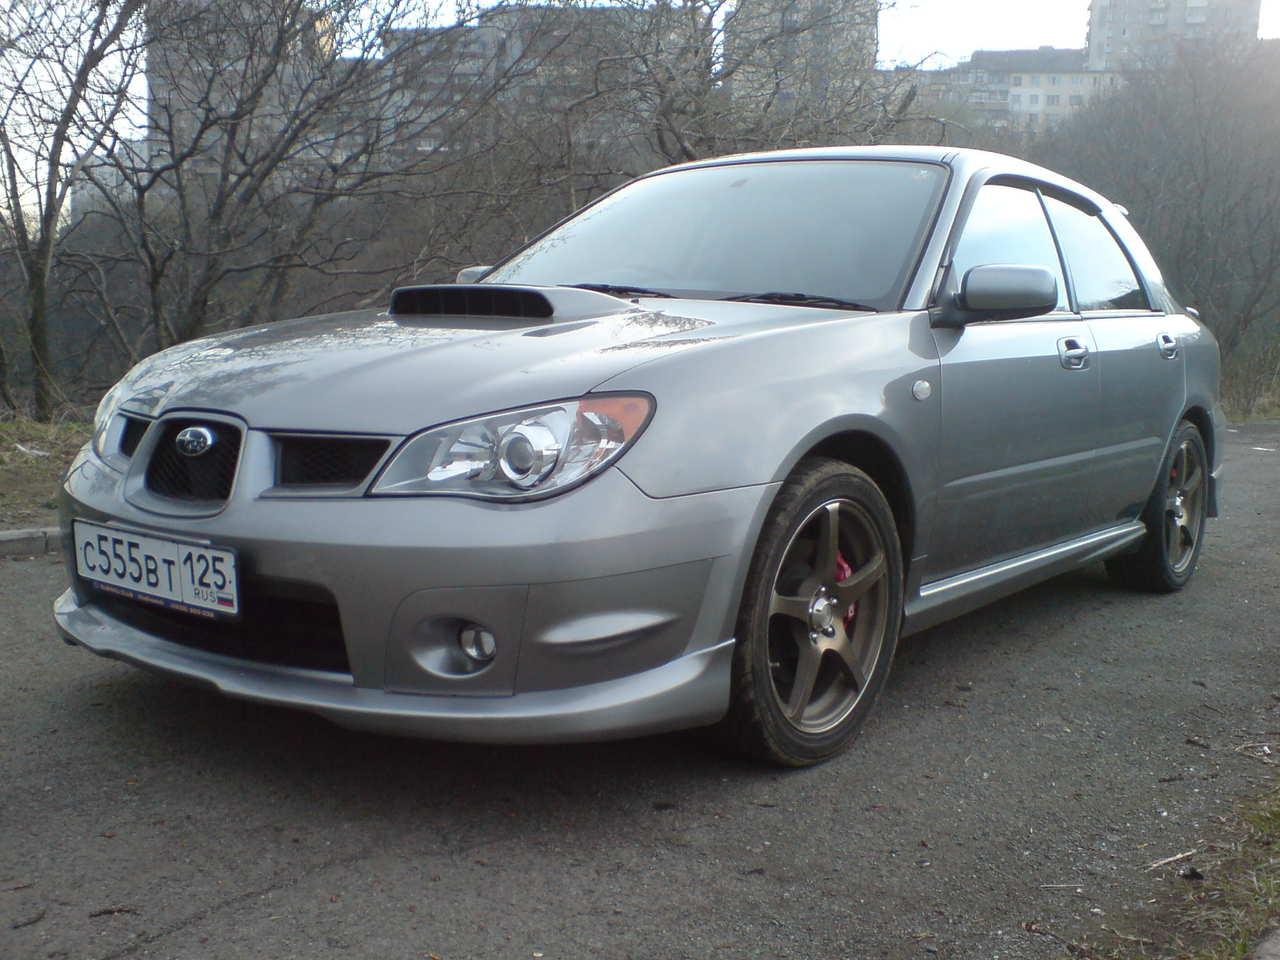 2007 Subaru Impreza Wrx Pictures 2 0l Gasoline